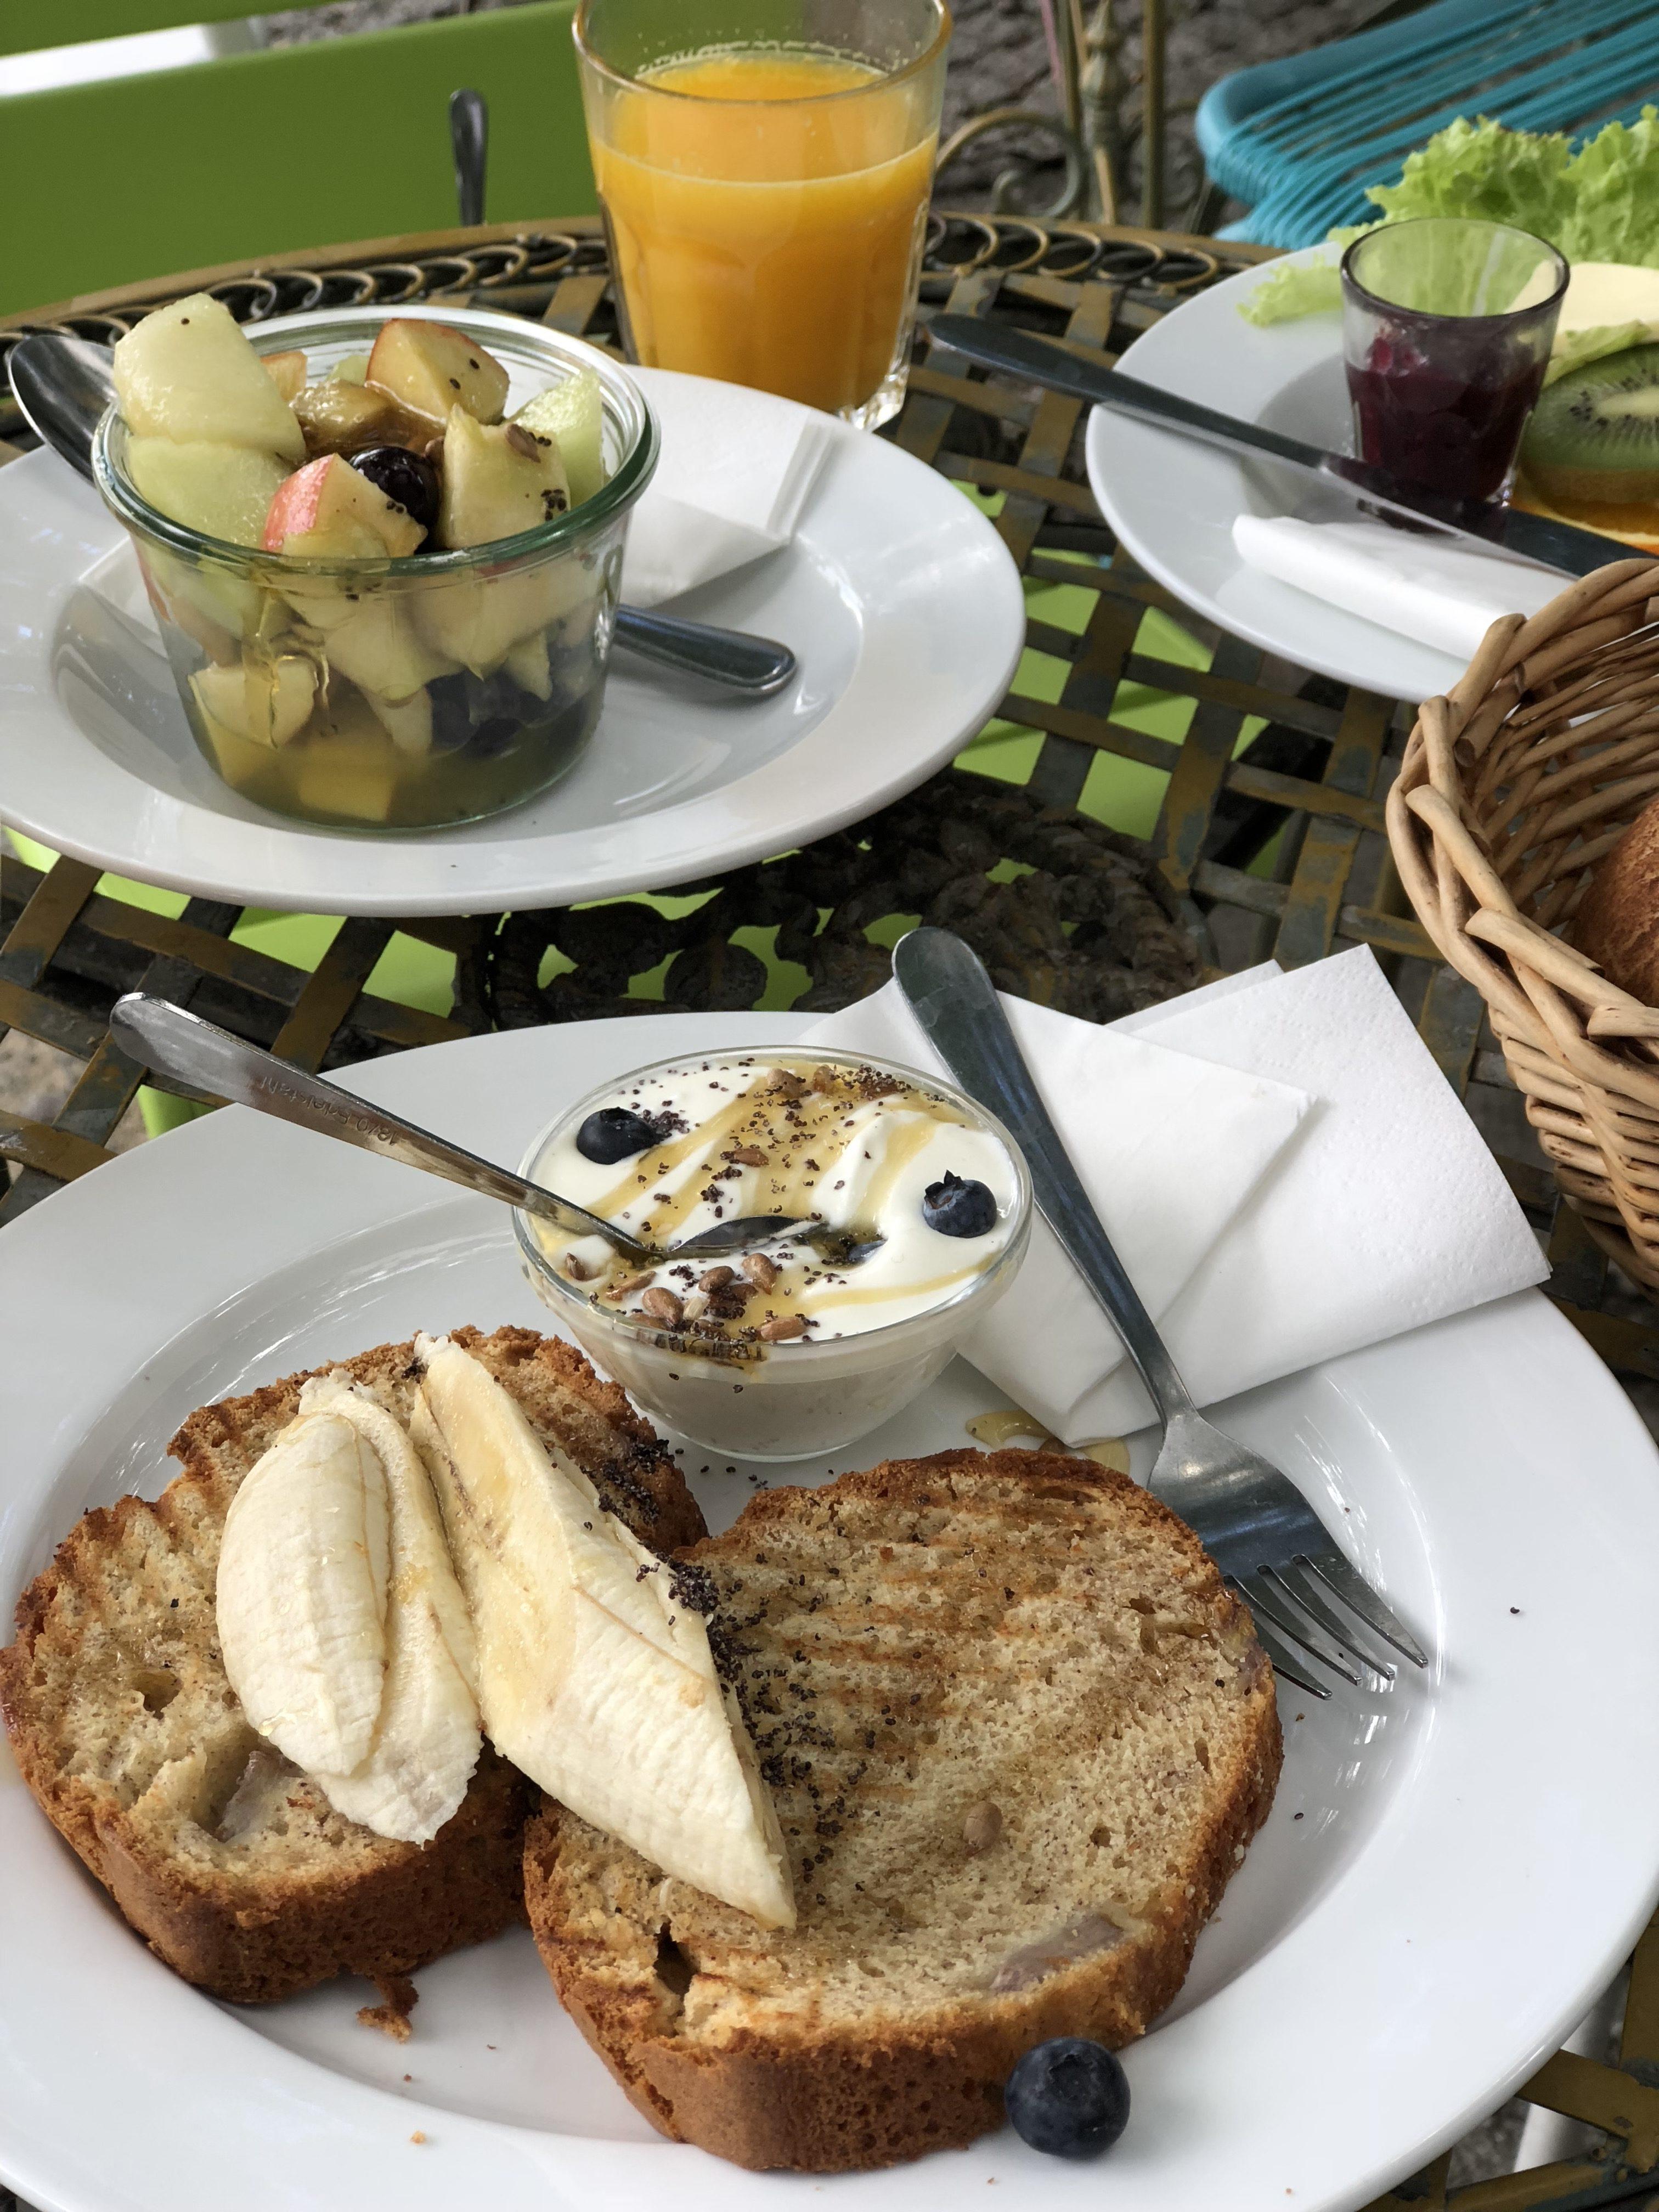 cafe ahorn berlin frühstück bananenbrot